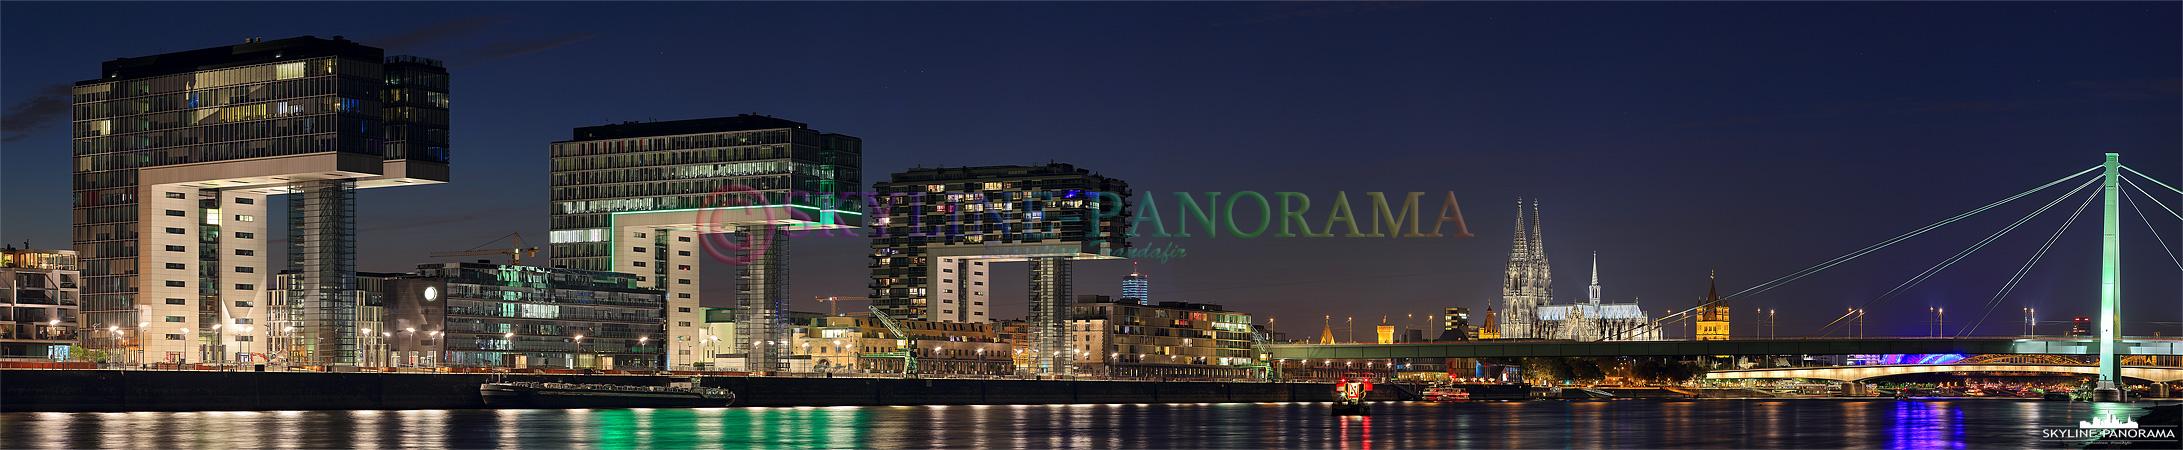 Köln Panorama - Die drei Kranhäuser im Rheinauhafen zusammen mit dem Kölner Dom zur Nacht von den Poller Wiesen aus gesehen.